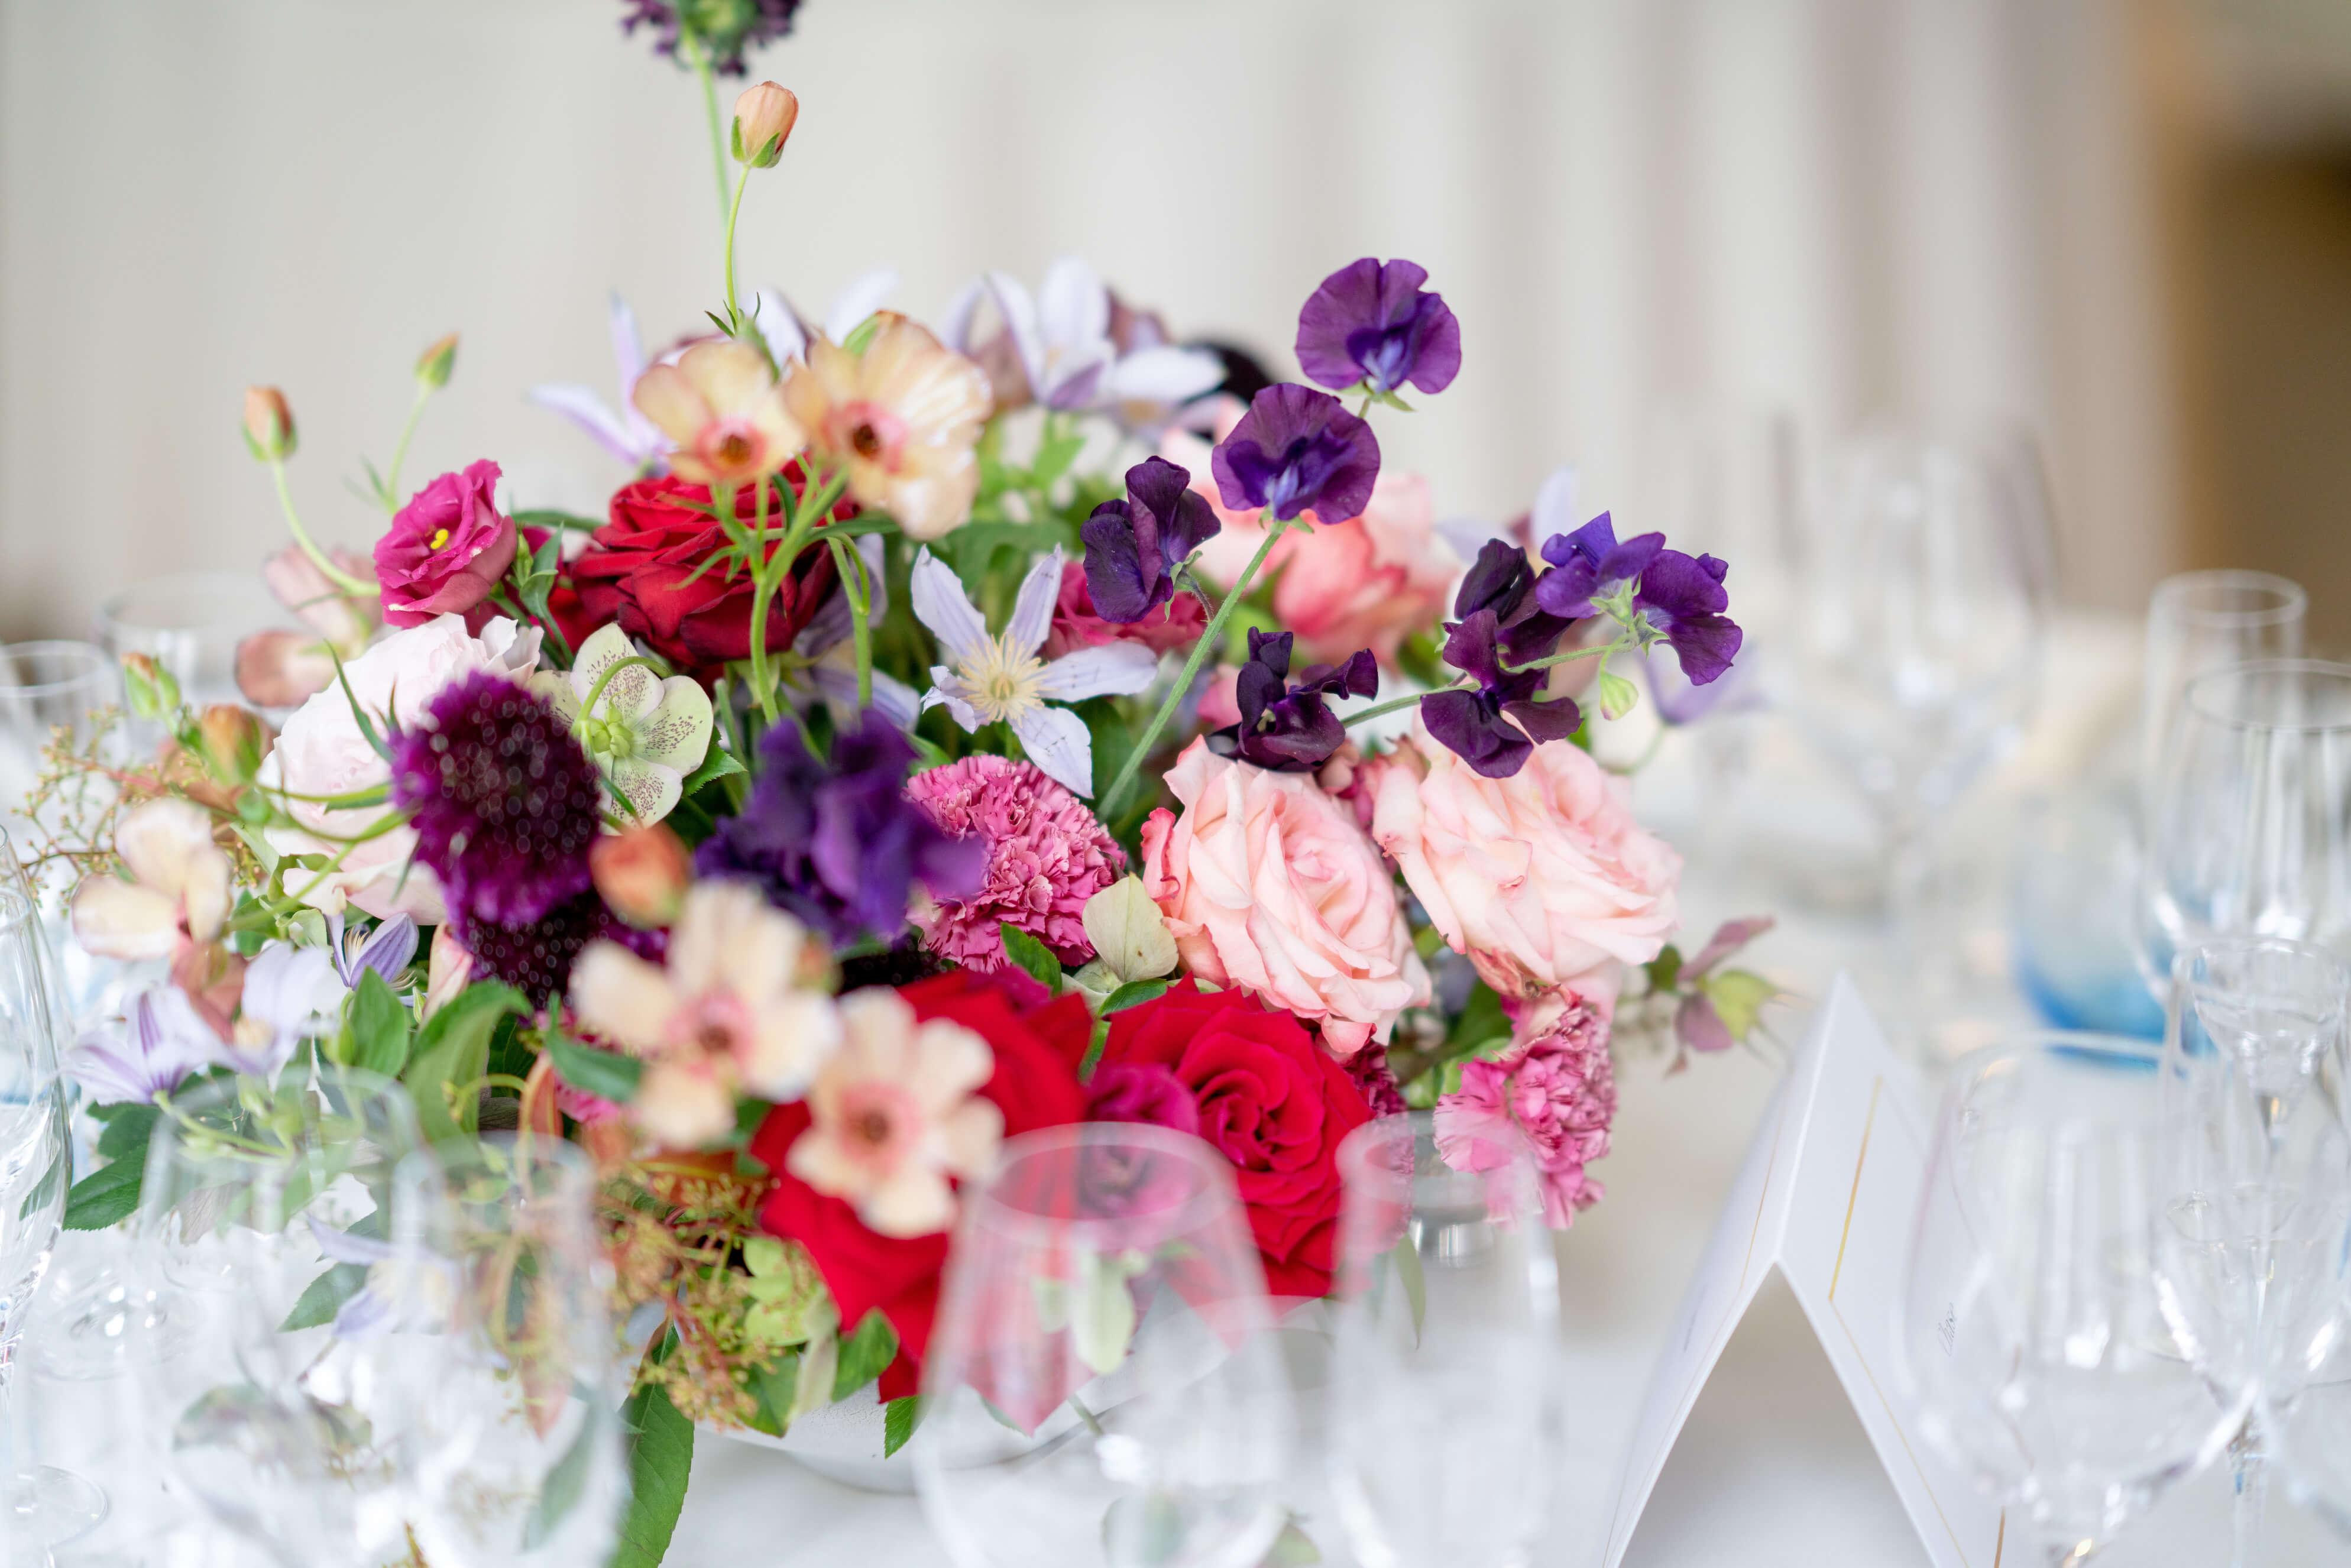 Colourful wedding flower centrepiece